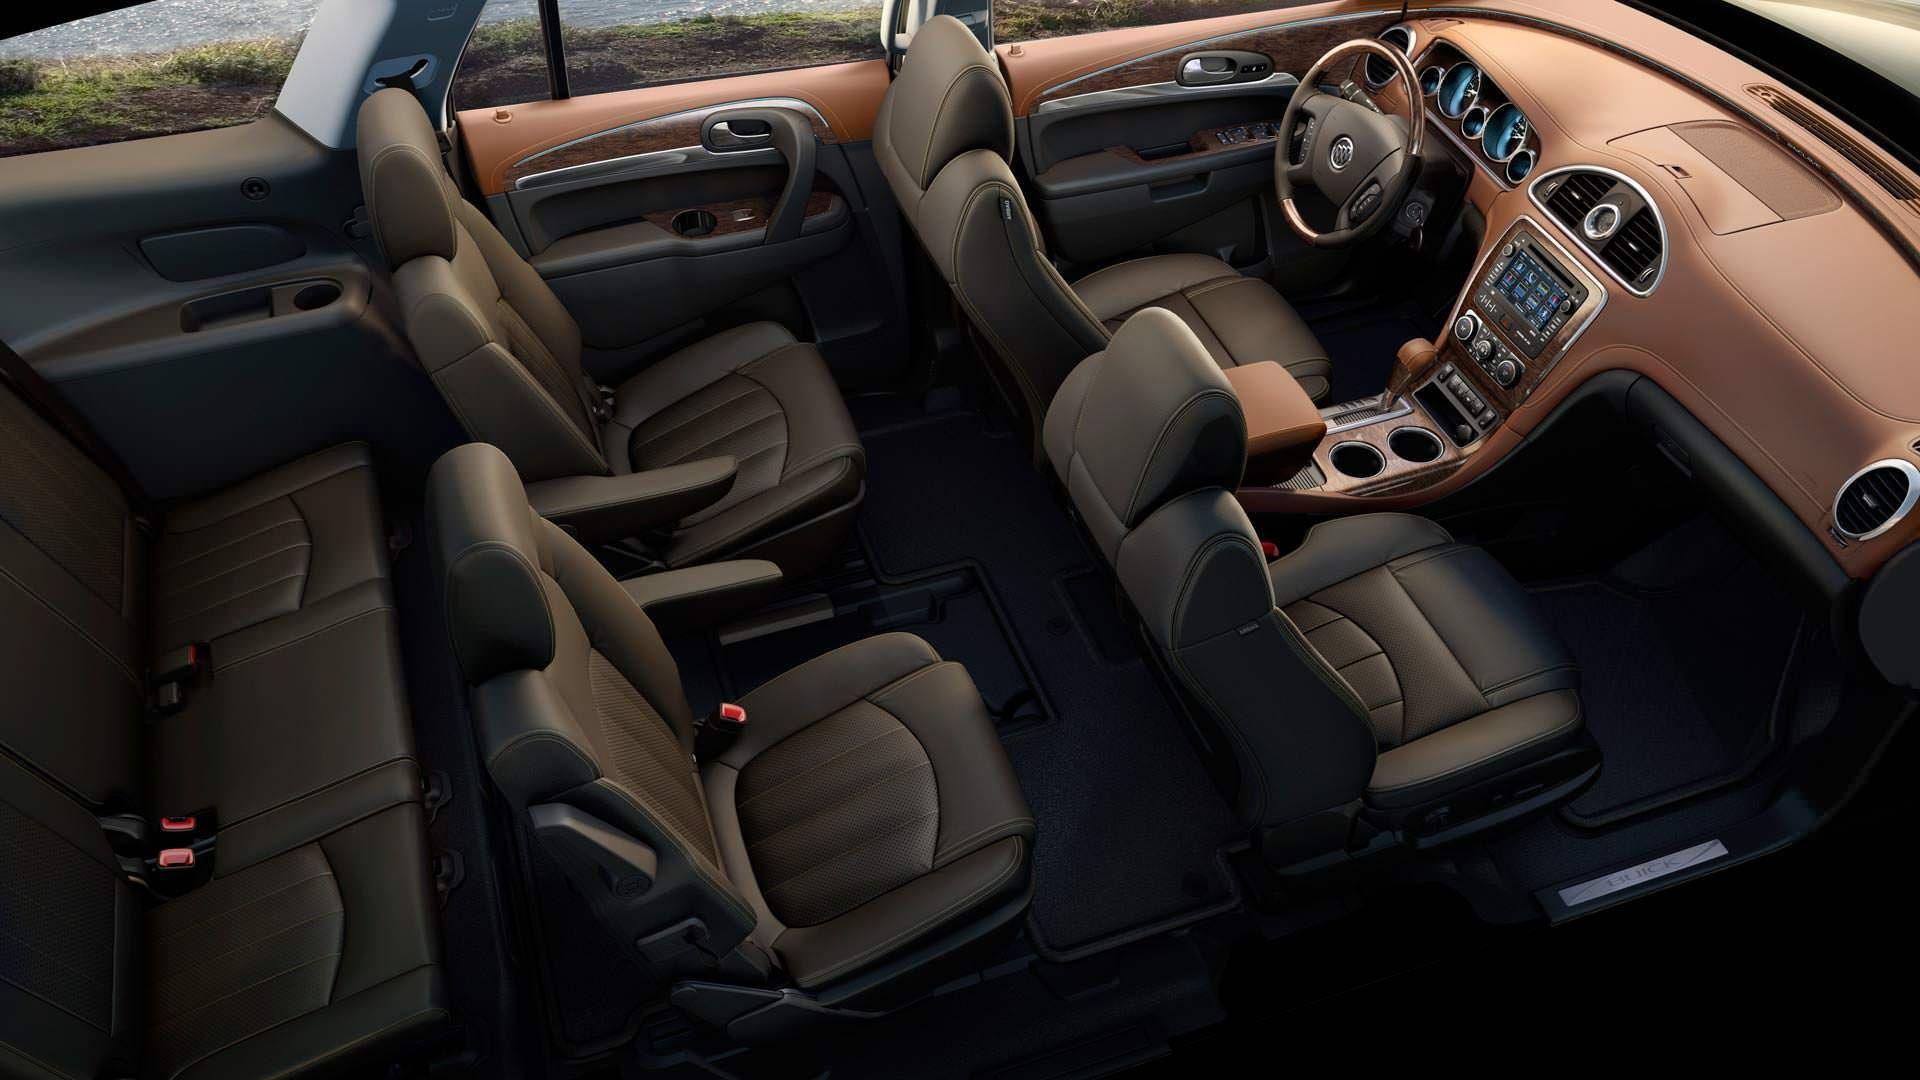 2014 Buick Enclave Luxury Crossover Suv Interior Photos Hustoncadillacbui Buick Crossover Enclave In 2020 Buick Enclave Crossover Suv Luxury Crossovers